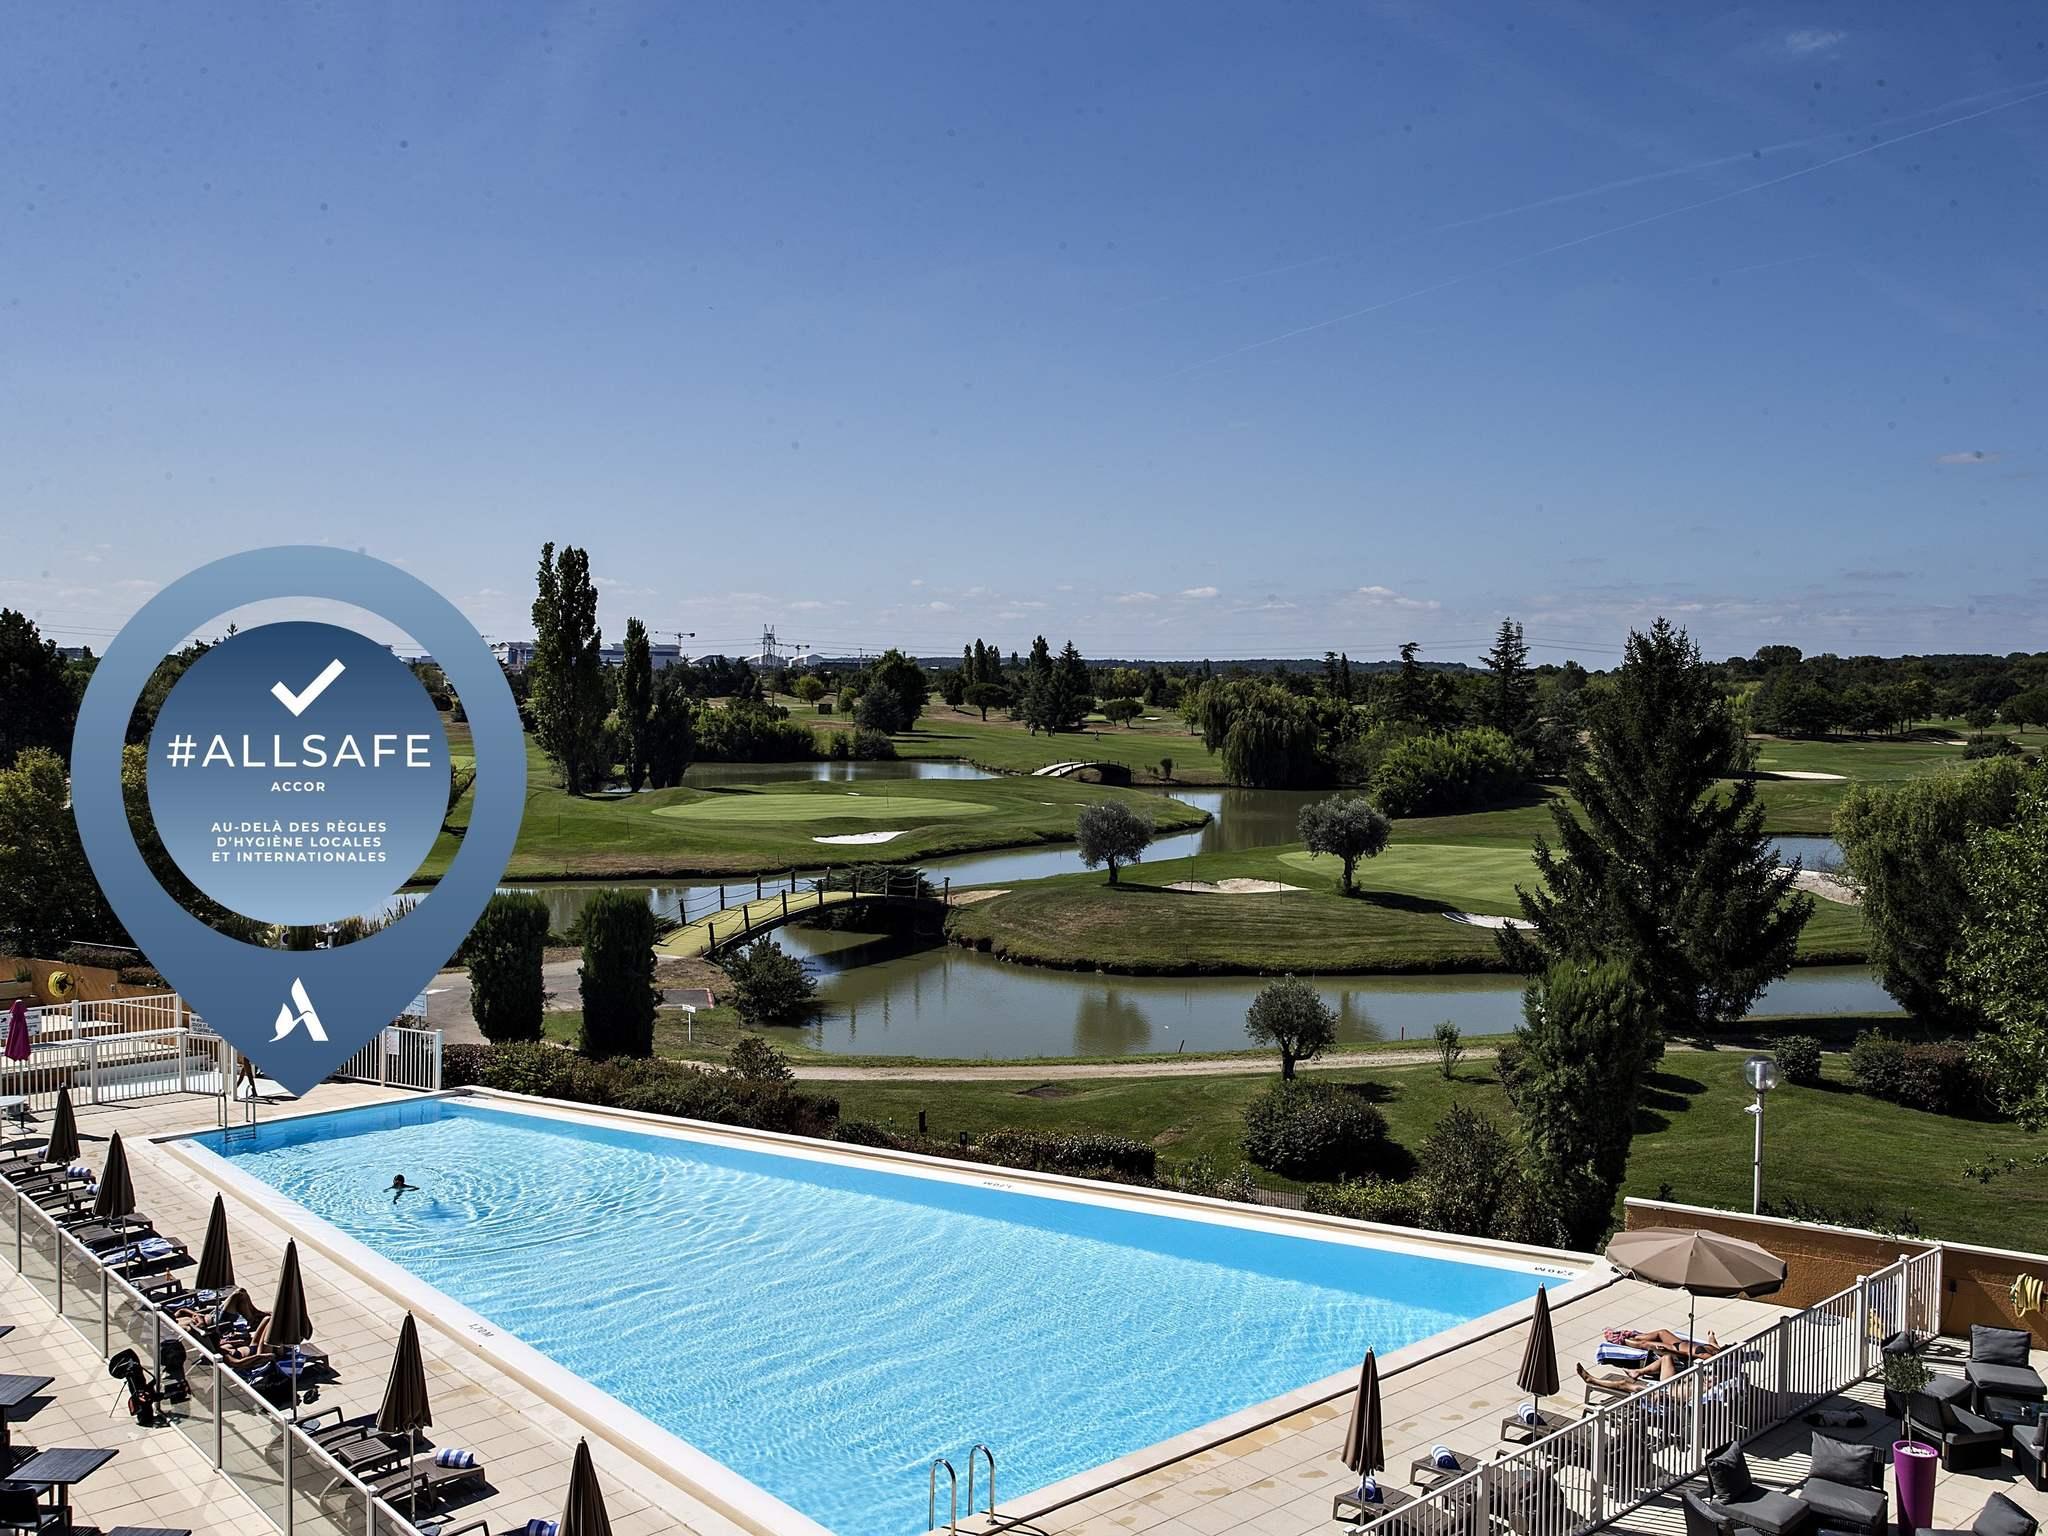 Hotel - Mercure Toulouse Aéroport Golf de Seilh Hotel